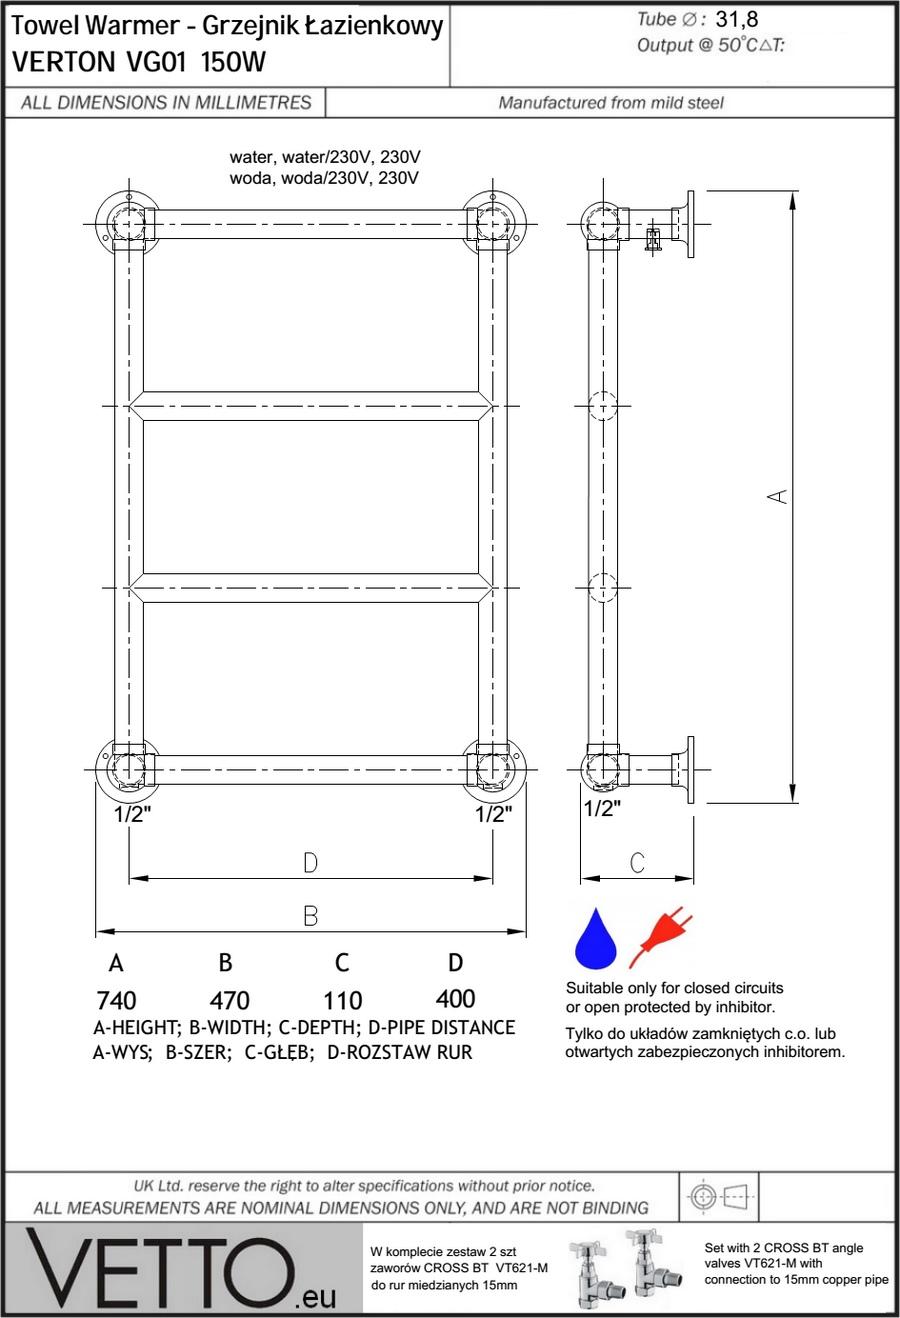 VERTON 150W z zaworami, 74x47cm, woda/230V, chr. Grzejnik łazienkowy rustykalny mini. VETTO